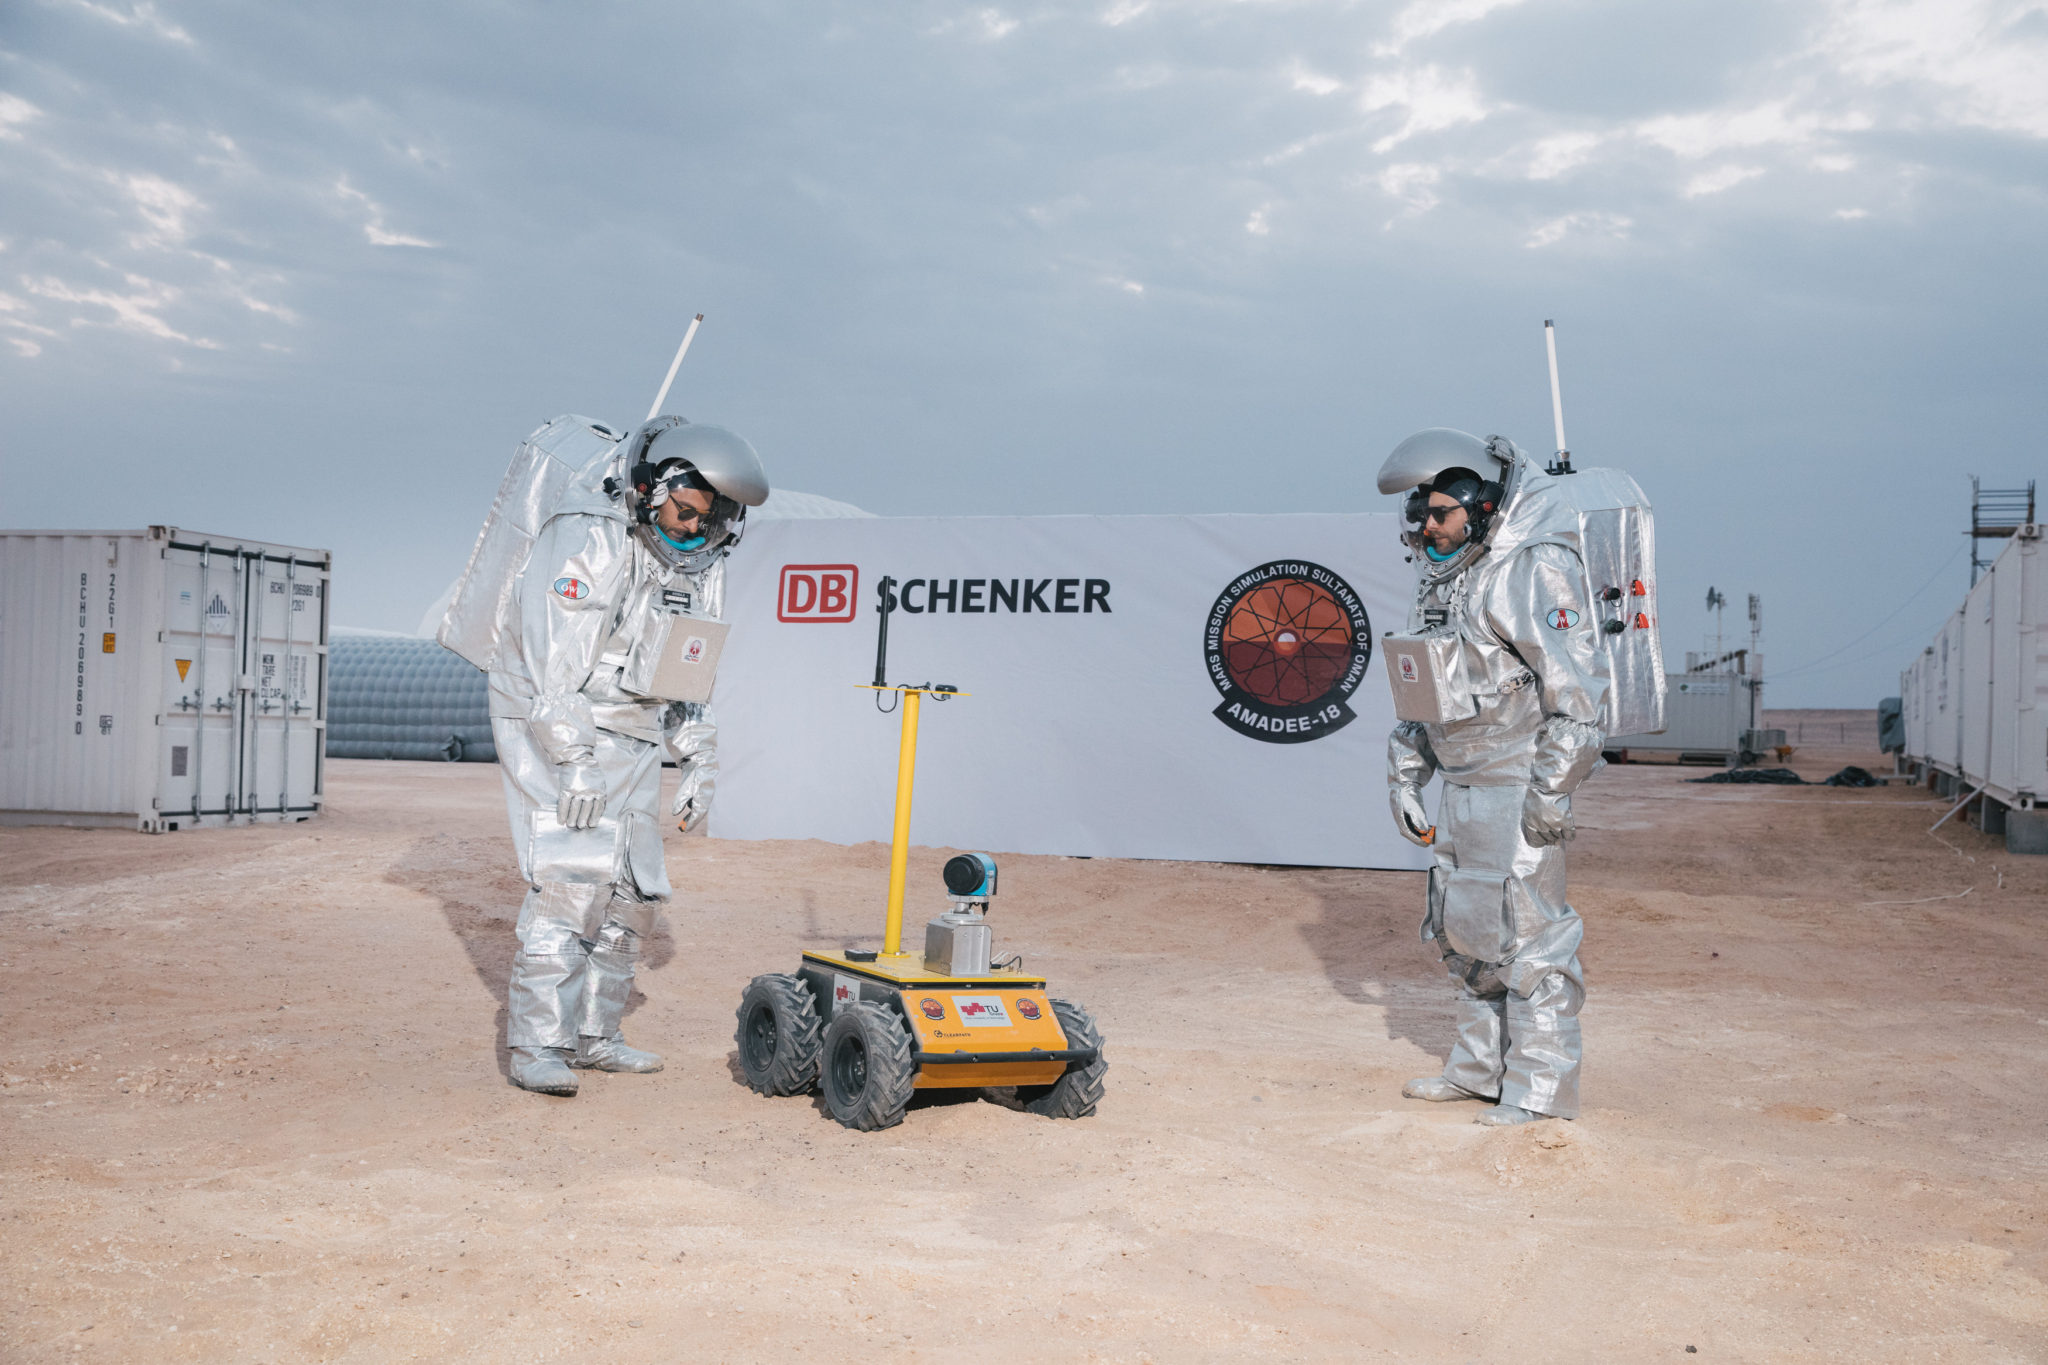 Mars-szimulációt tart a DB Schenker és az Osztrák Világűrfórum